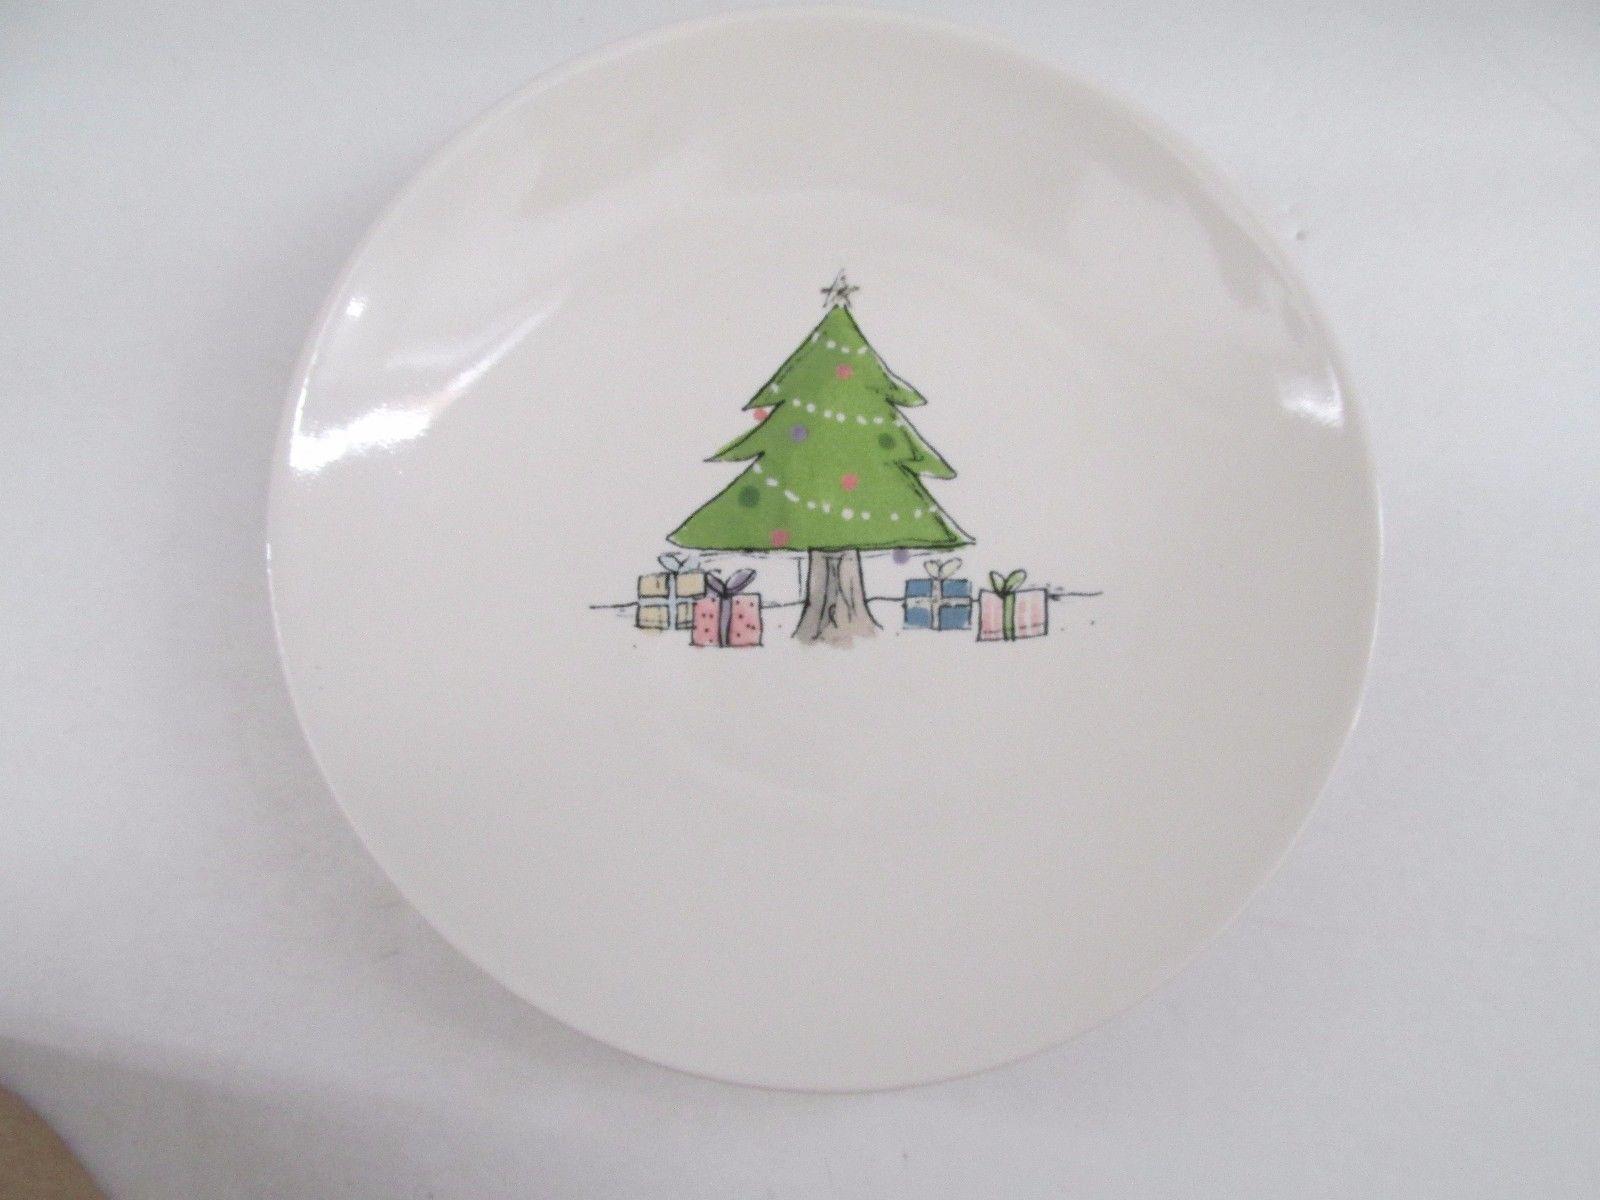 ... New Rae Dunn Oh Christmas Tree 6  Christmas Appetizer/Dessert Plates set ... & New Rae Dunn Oh Christmas Tree 6